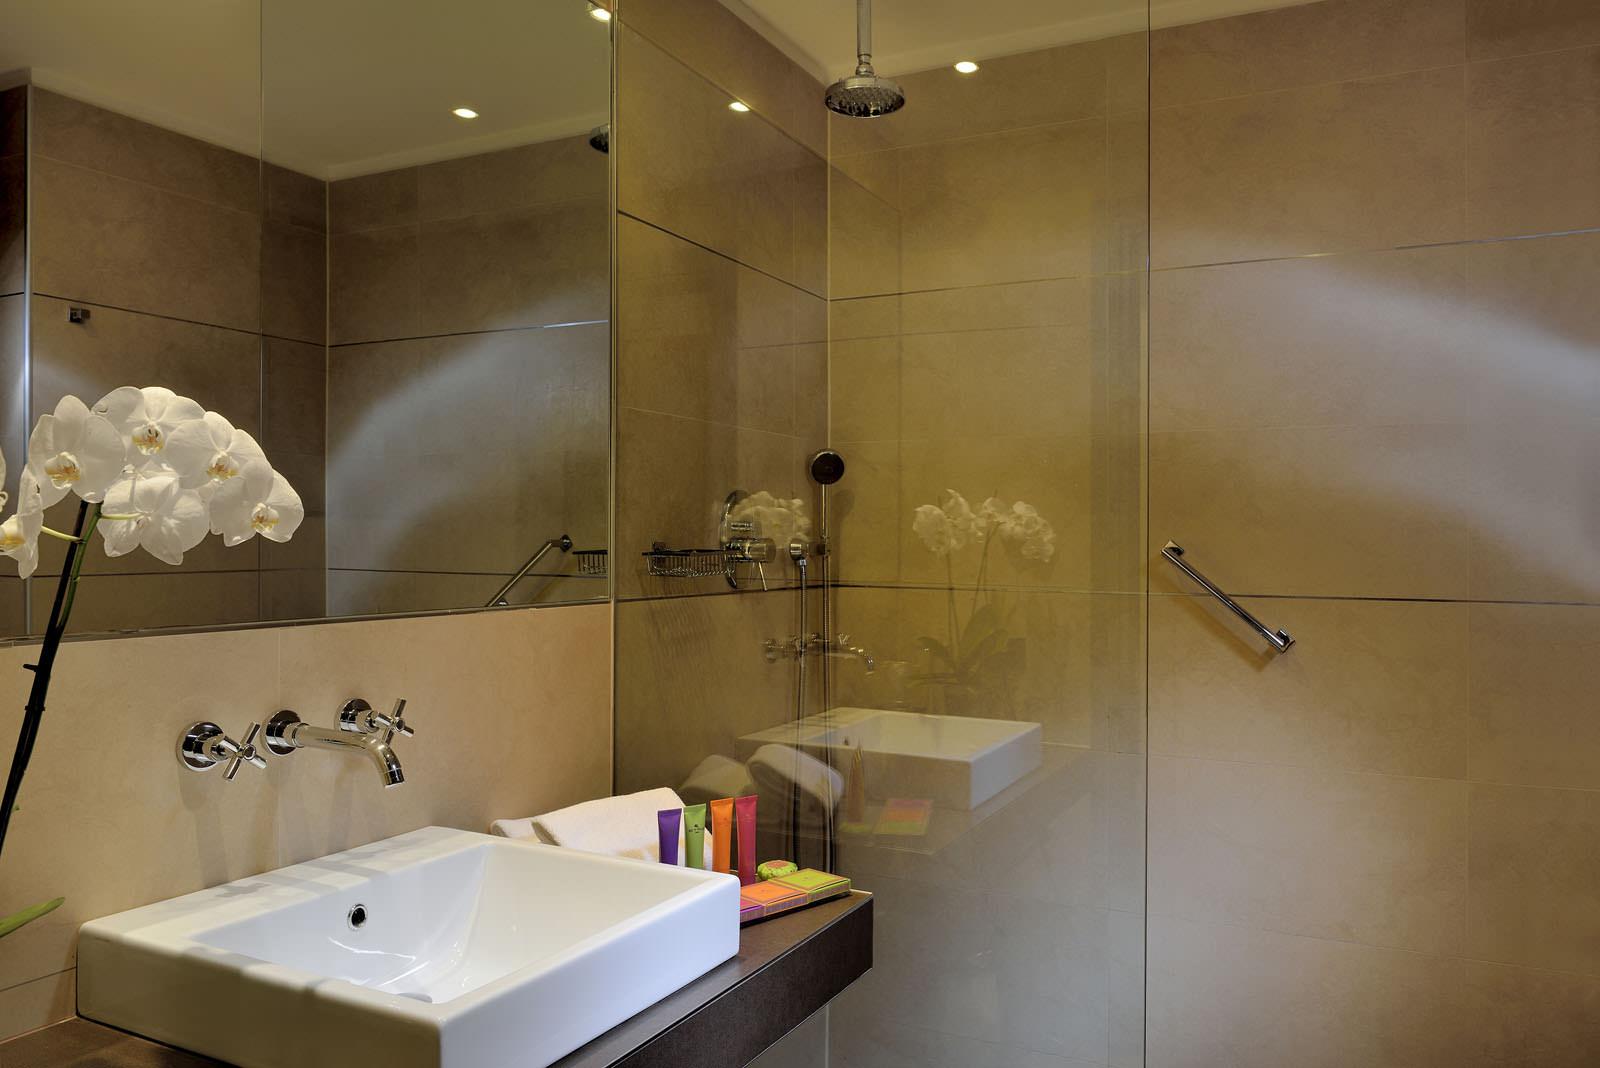 Bagni moderni con doccia comfort da progettare idee per il design della casa - Camere da bagno ...